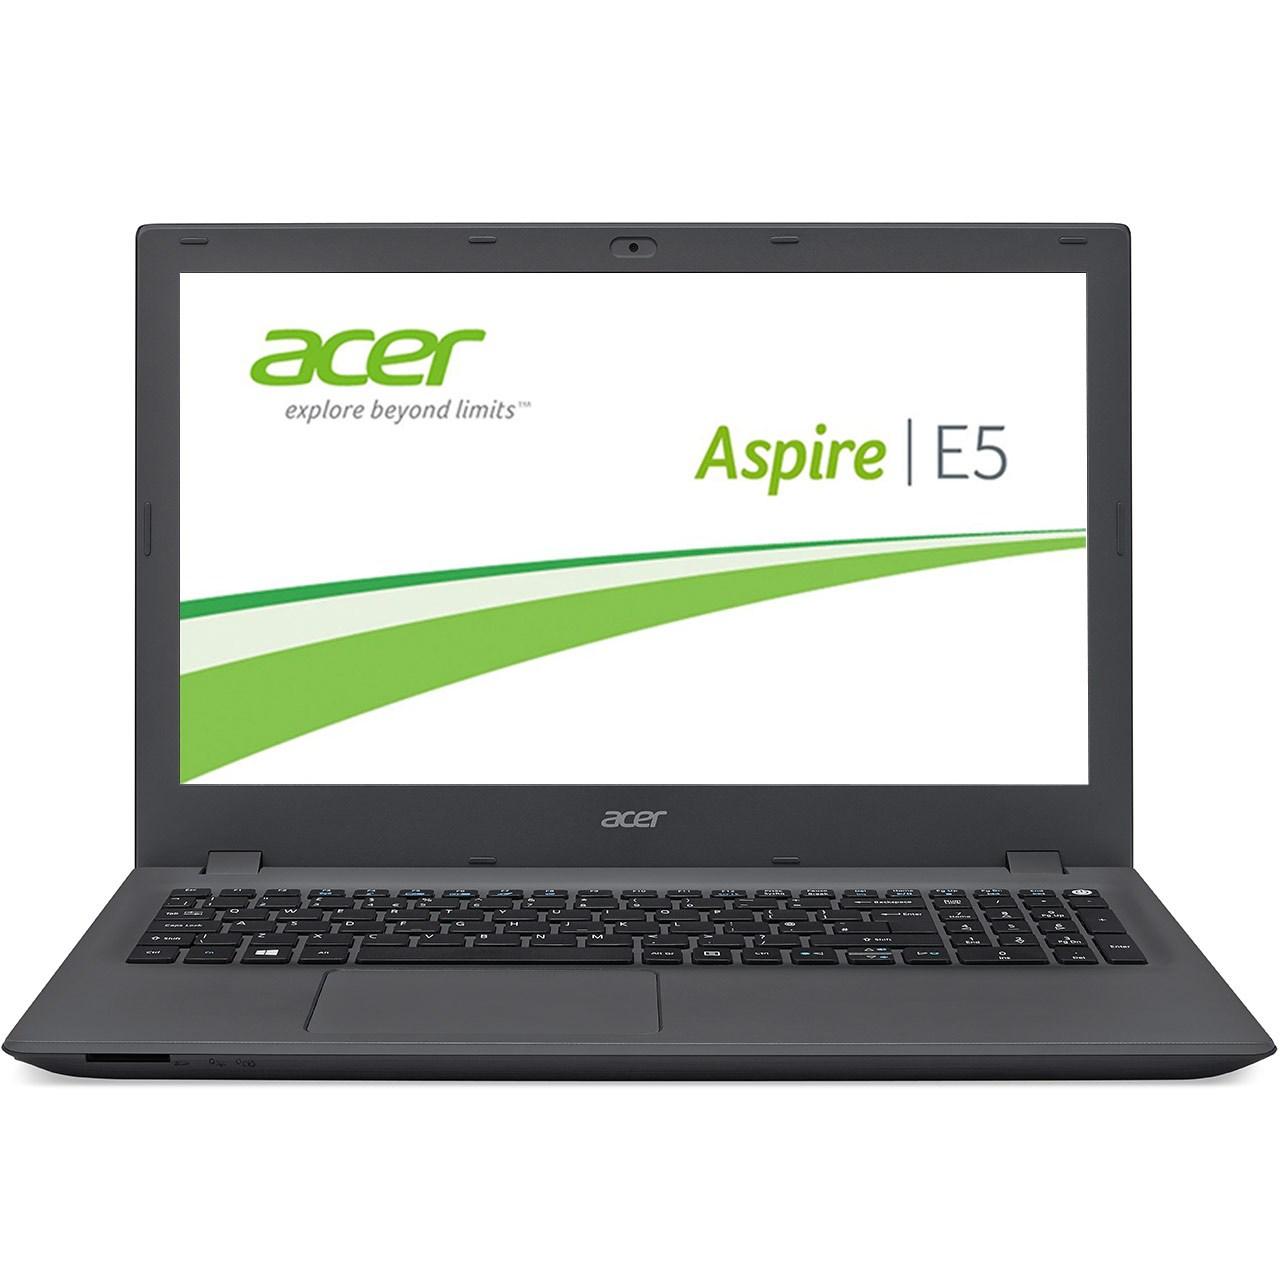 لپ تاپ 15 اینچی ایسر مدل Aspire E5-574G-57ZG